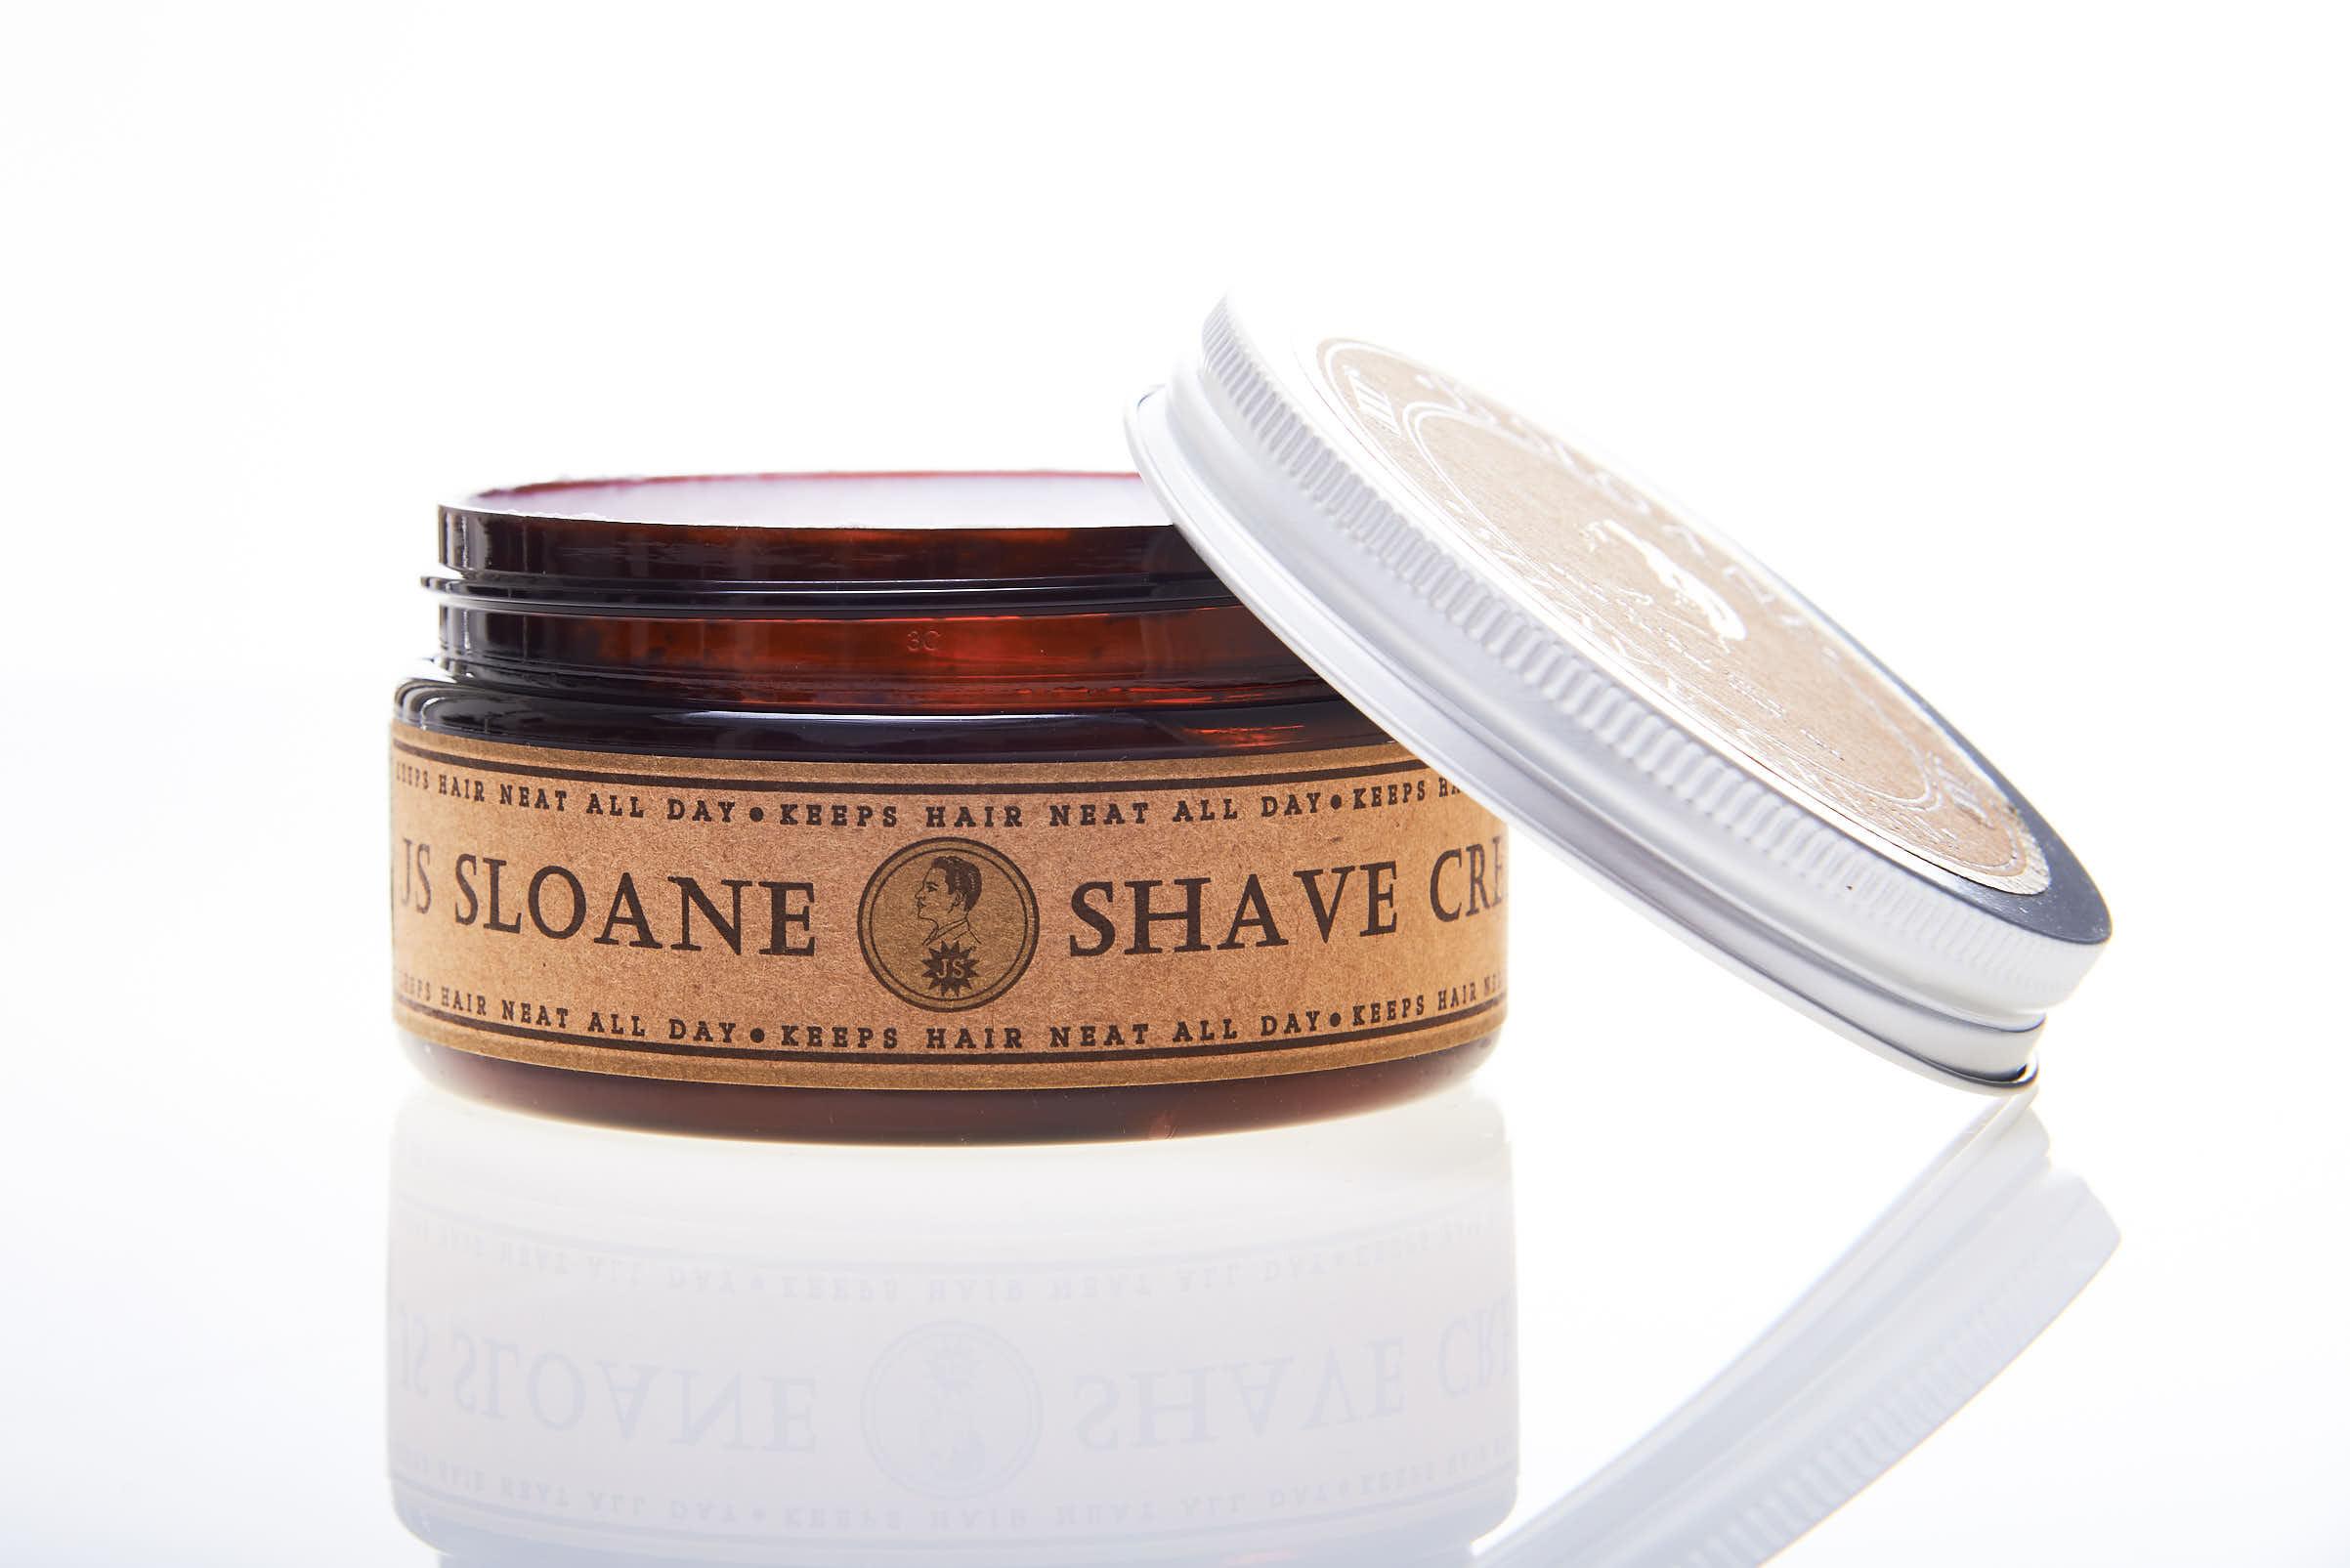 シェーブクリーム / Gentlemen's Shave Cream , 8oz (236mL)